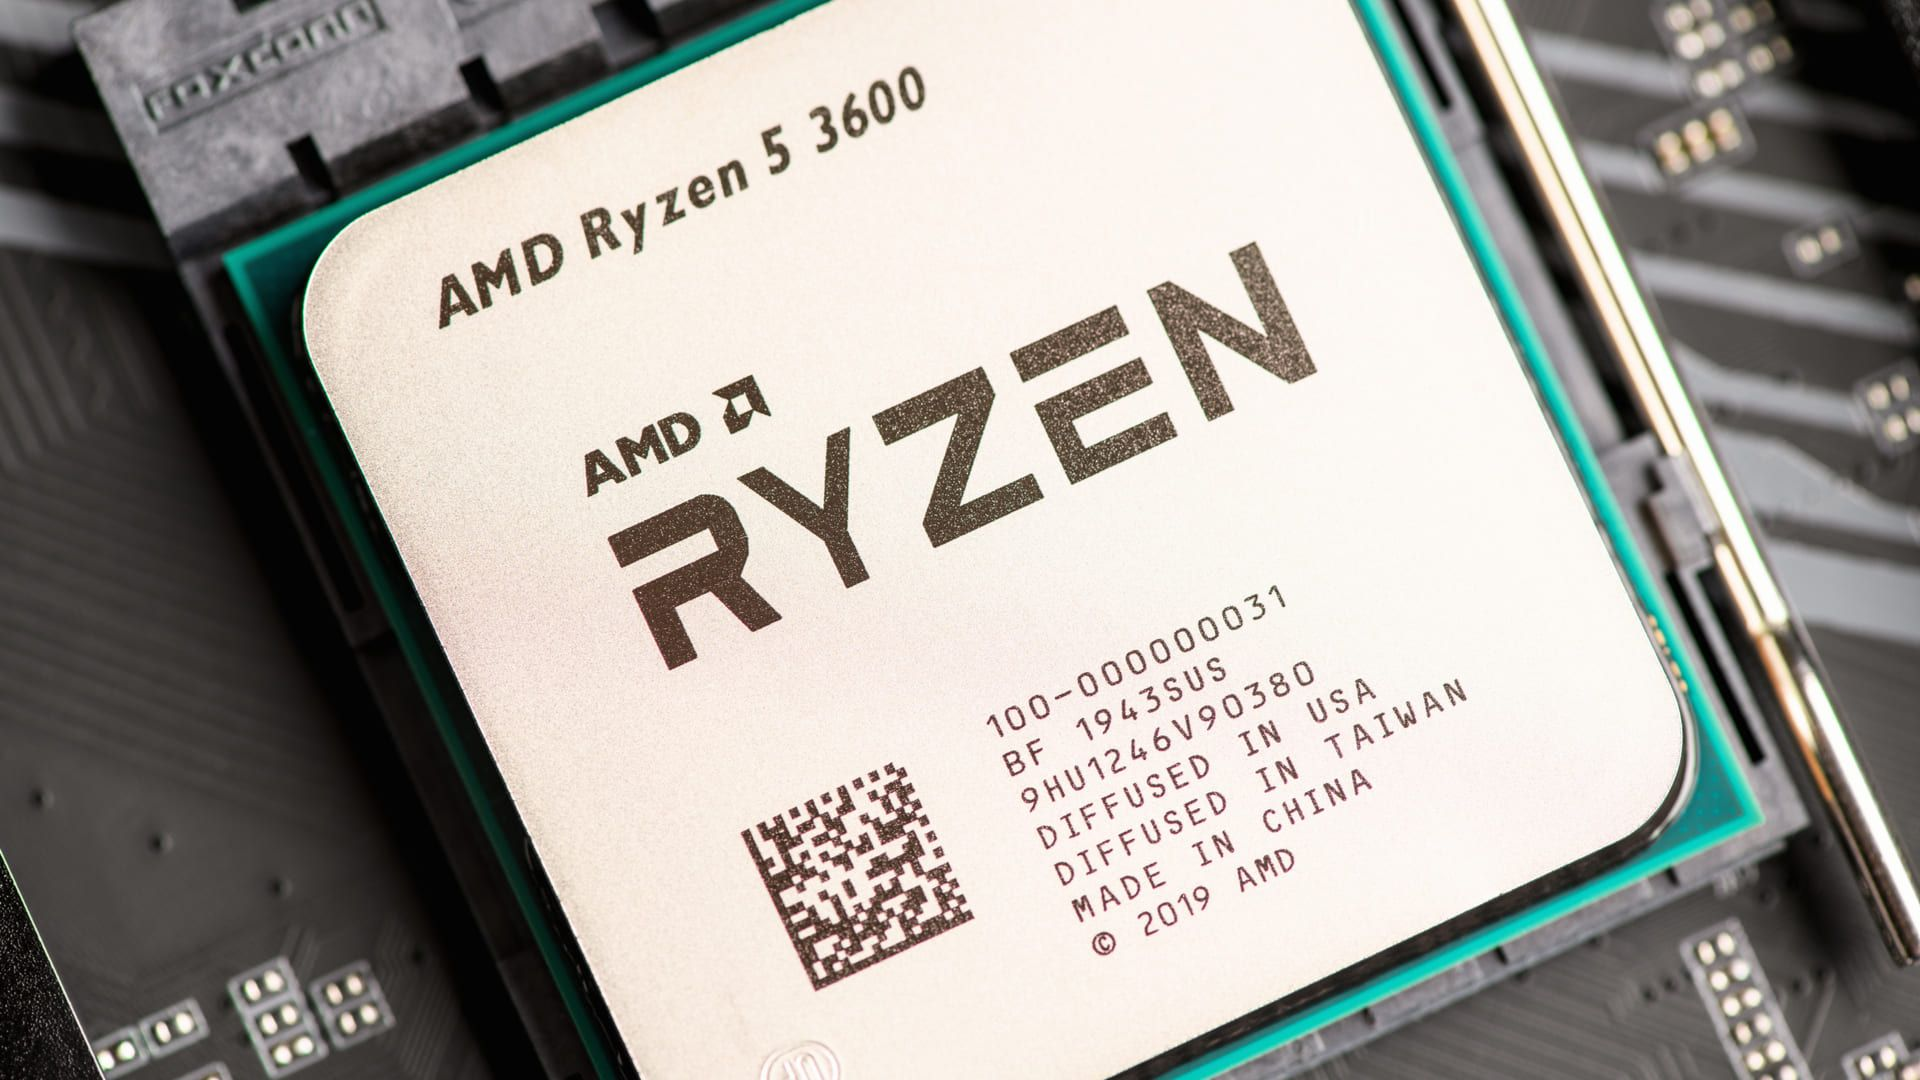 O Ryzen 5 3600 é um processador intermediário da AMD